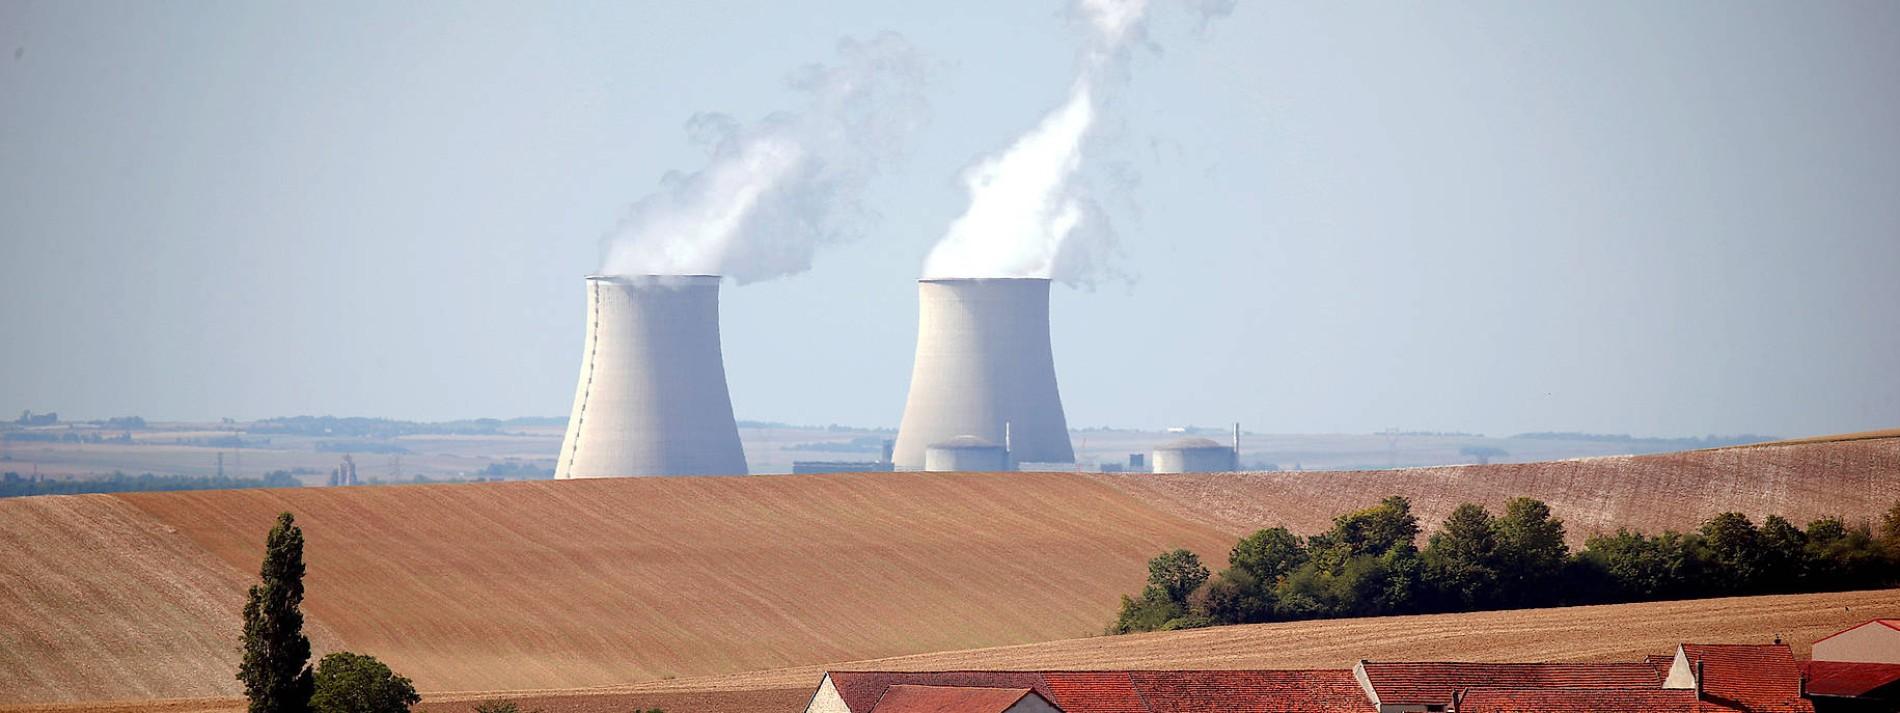 Atomnation Frankreich als Klimaschützer